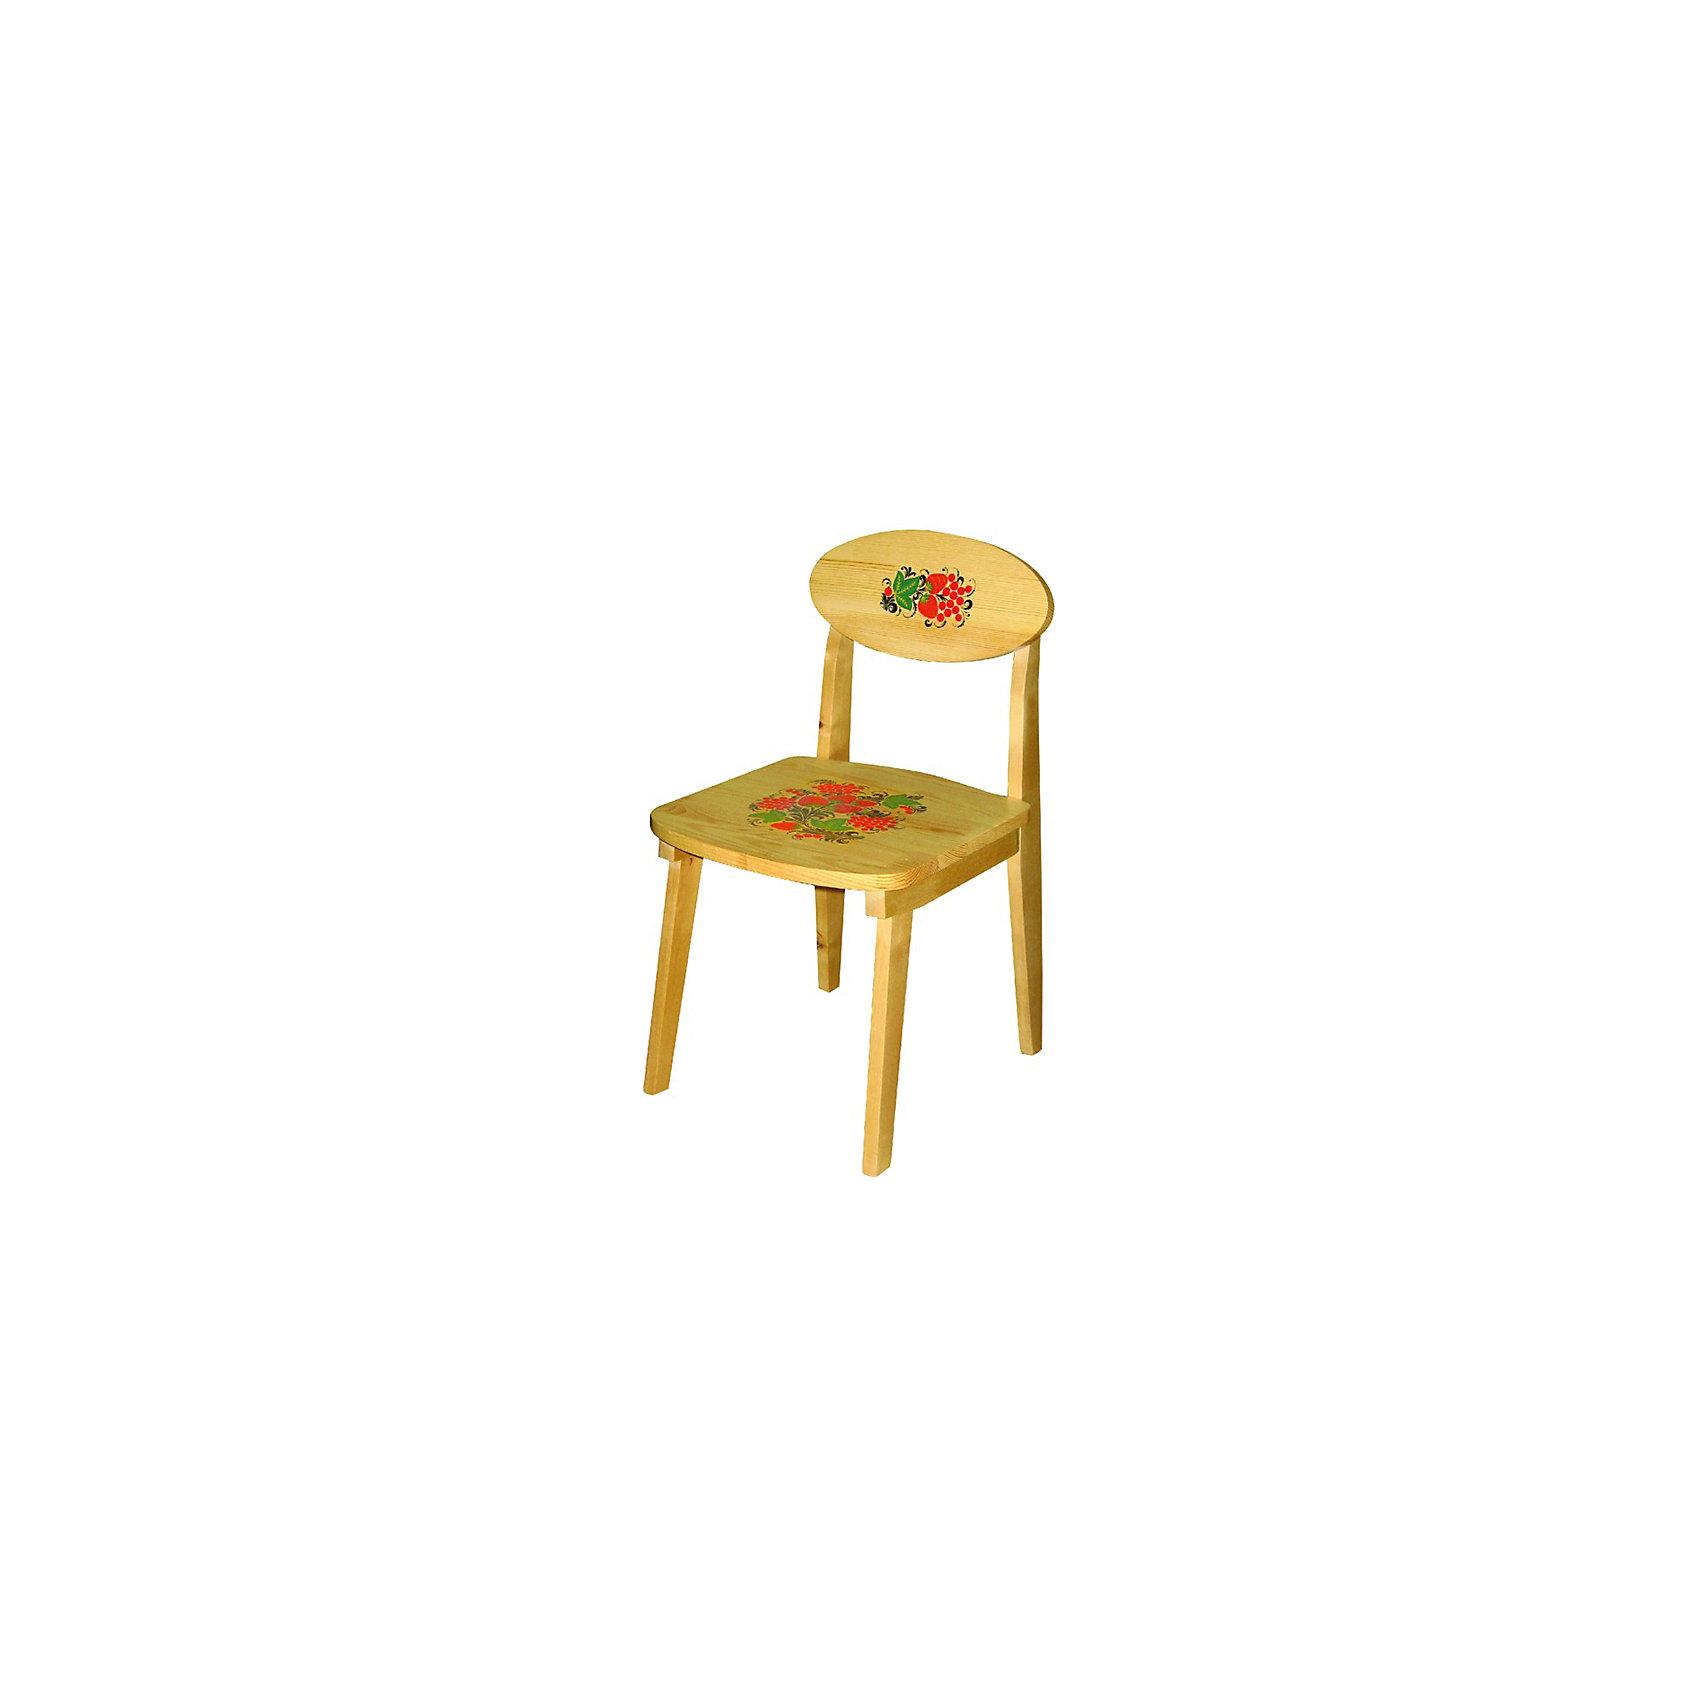 Стул с росписьюТакой сказочный стульчик был практически у каждого в детстве, так пусть и вашего ребенка радует!<br>Яркий красочный стульчик прекрасно подойдет к столу, выполненному в такой же стилистике. Роспись сделана по золотому фону традиционными красным и коричневыми цветами. Стул изготовлен из дерева, пропитан льняным маслом и покрыт росписью и безвредным для ребенка лаком. Стул очень прочный и устойчивый, покрытие закалено при особом температурном режиме и не будет отслаиваться или облупливаться при частой влажной уборке.<br><br>Дополнительная информация:<br><br>- Возраст: от 6 мес.<br>- Материал: дерево.<br>- Цвет: орнамент - Хохломская роспись .<br>- Параметры стола: Высота: 50 см.<br>                                      Сидение: 30х29 см.<br><br>Детский стул с росписью можно купить в нашем магазине.<br><br>Ширина мм: 500<br>Глубина мм: 120<br>Высота мм: 300<br>Вес г: 2000<br>Возраст от месяцев: 24<br>Возраст до месяцев: 84<br>Пол: Унисекс<br>Возраст: Детский<br>SKU: 4718385